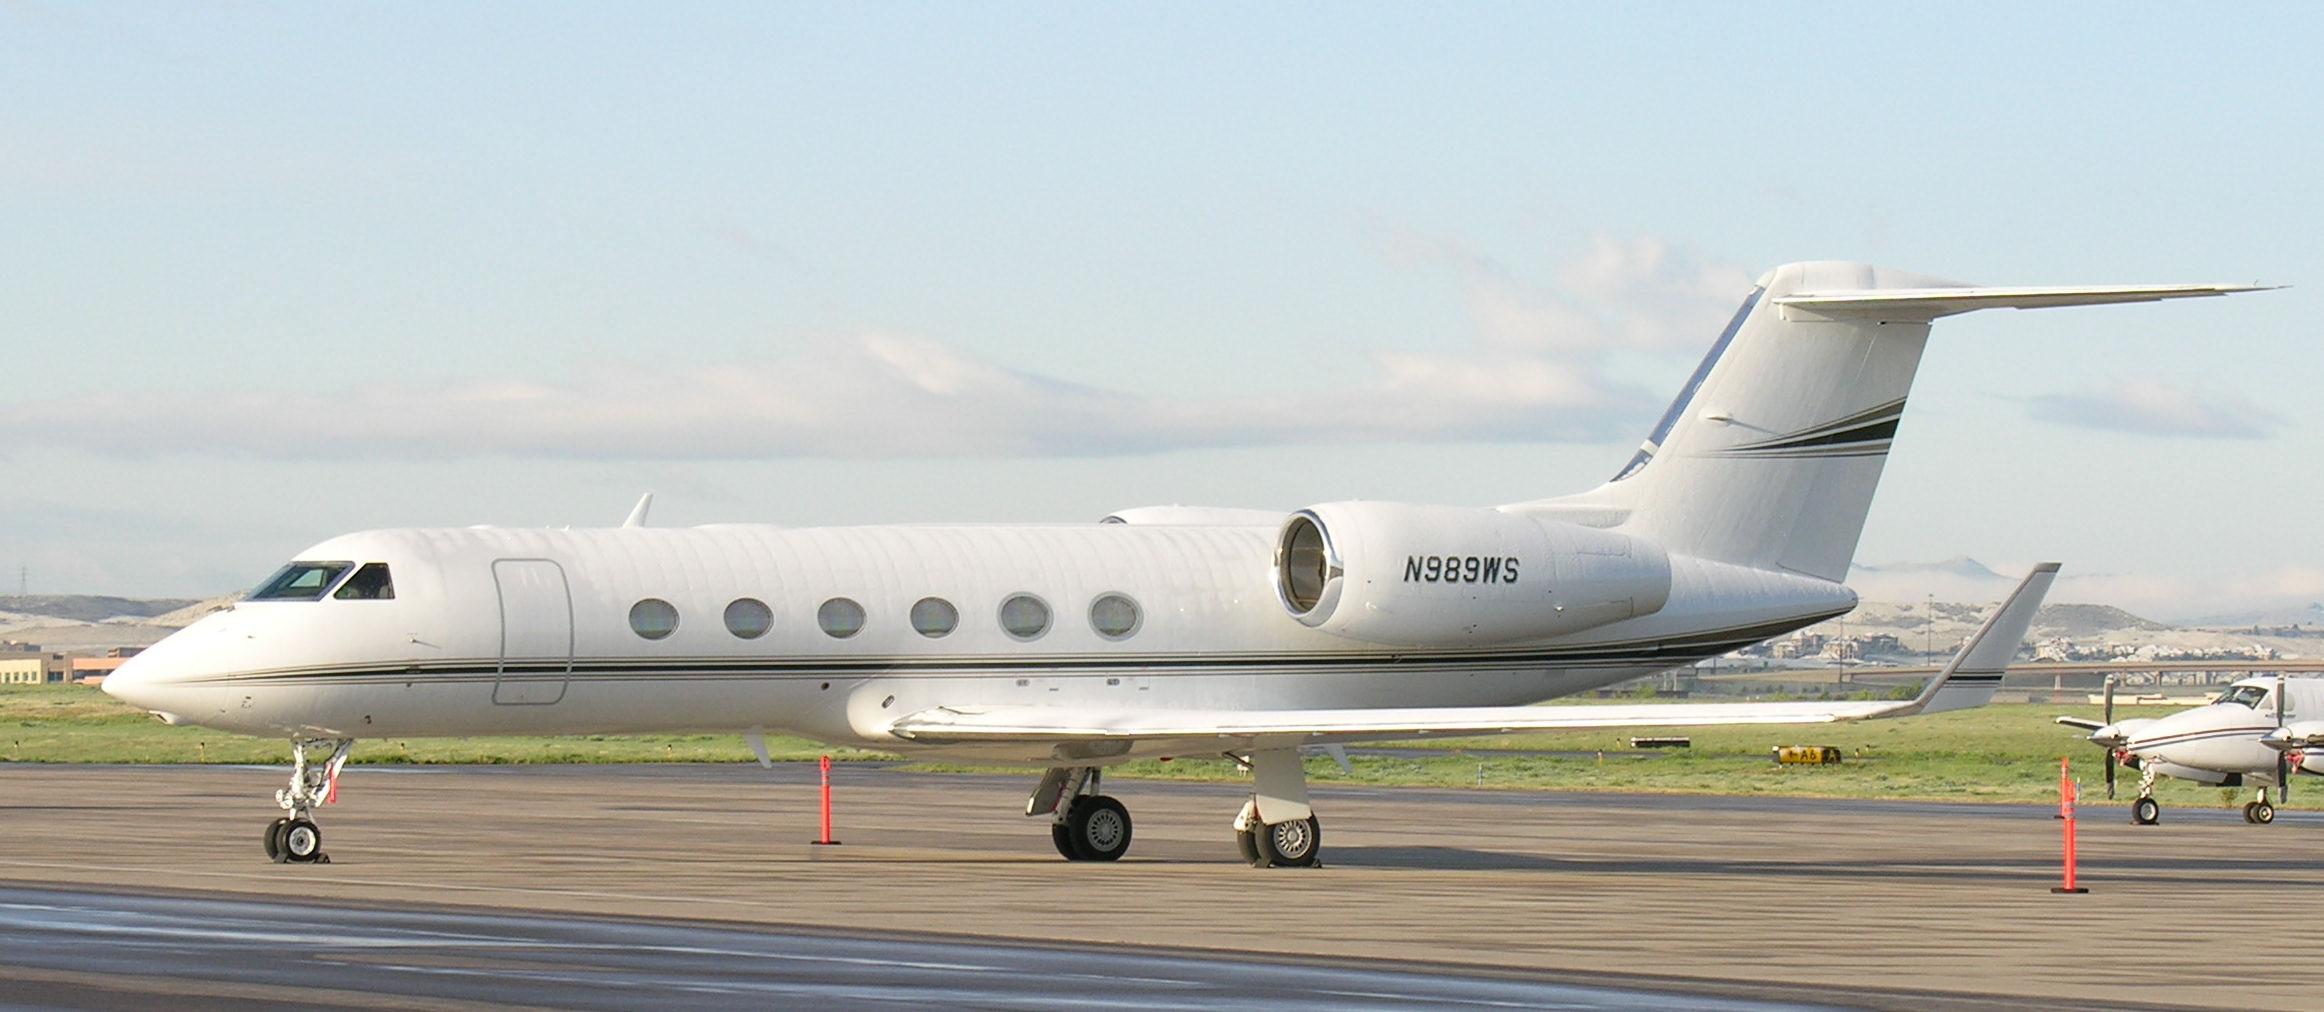 File:Gulfstream IV (N989WS).jpg - Wikimedia Commons Tom Cruise